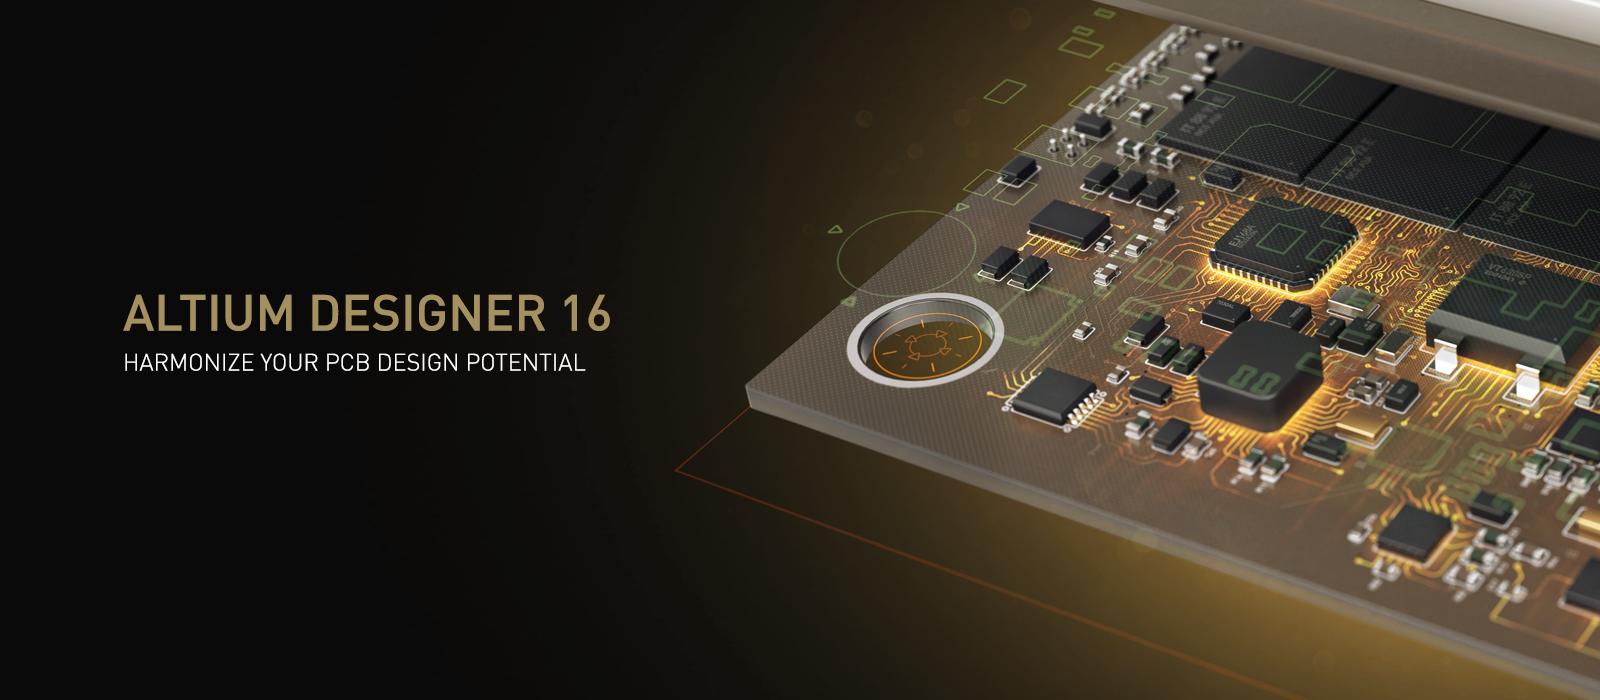 选对PCB设计软件很重要,你选对了吗?